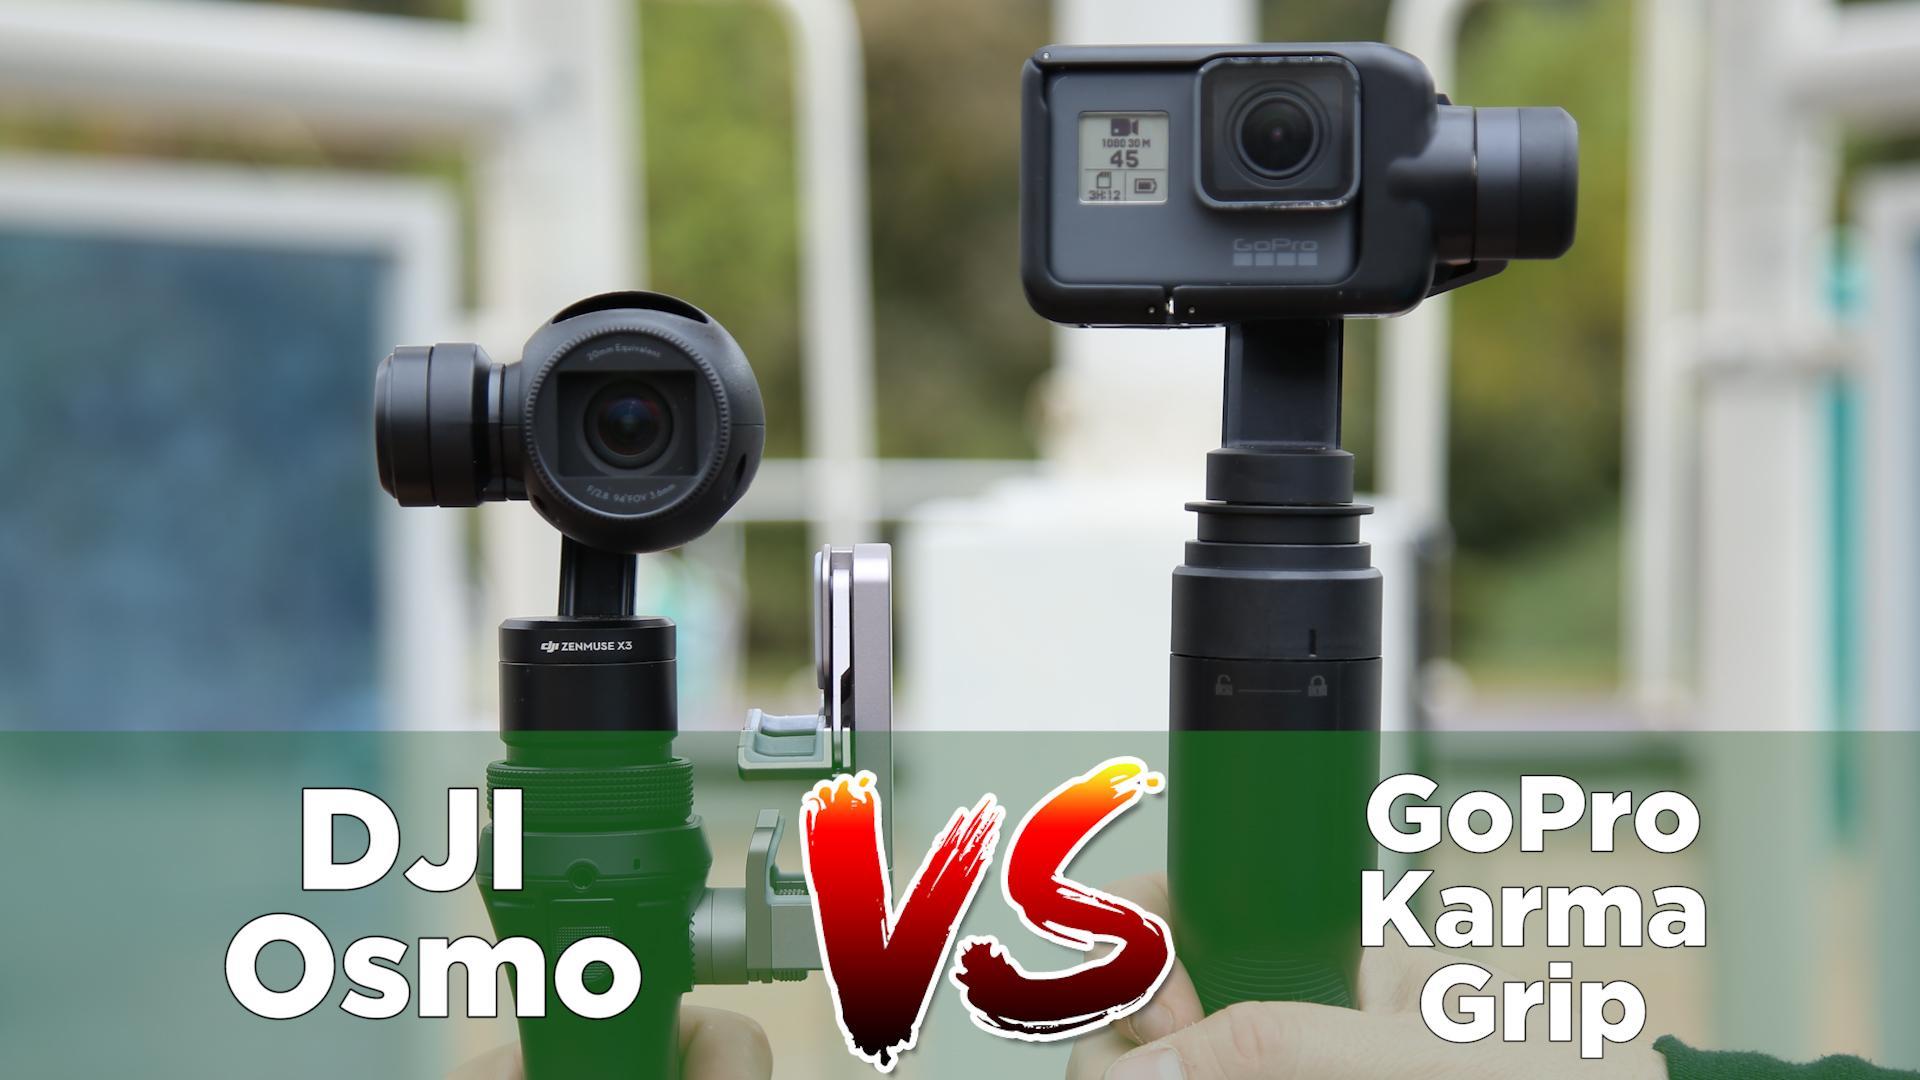 DJI Osmo VS. GoPro Karma Grip